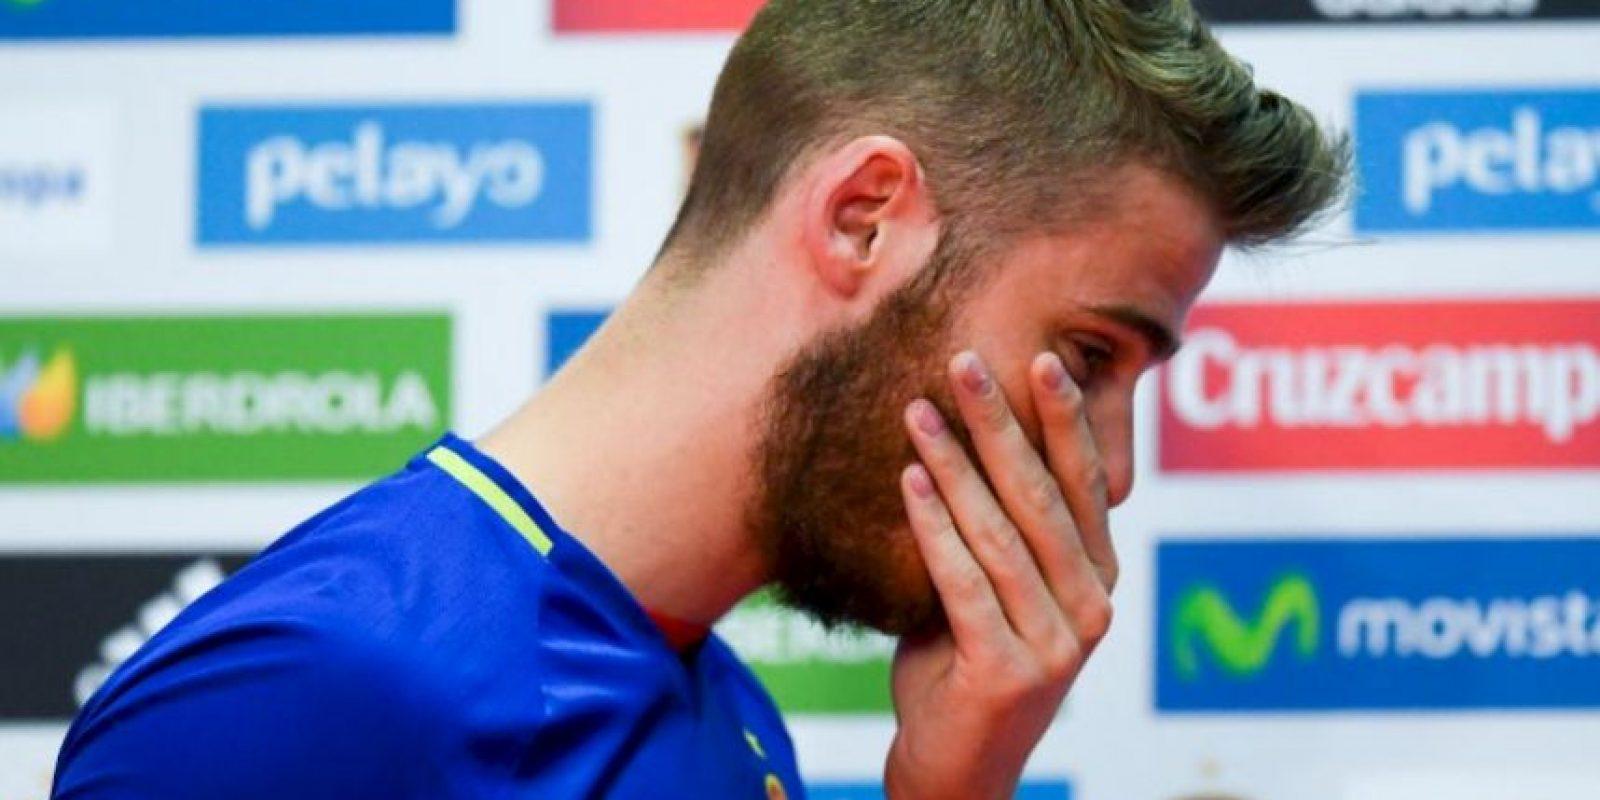 David De Gea negó la acusación por contactar a una chica para tener relaciones sexuales con él y otros futbolistas Foto:Getty Images